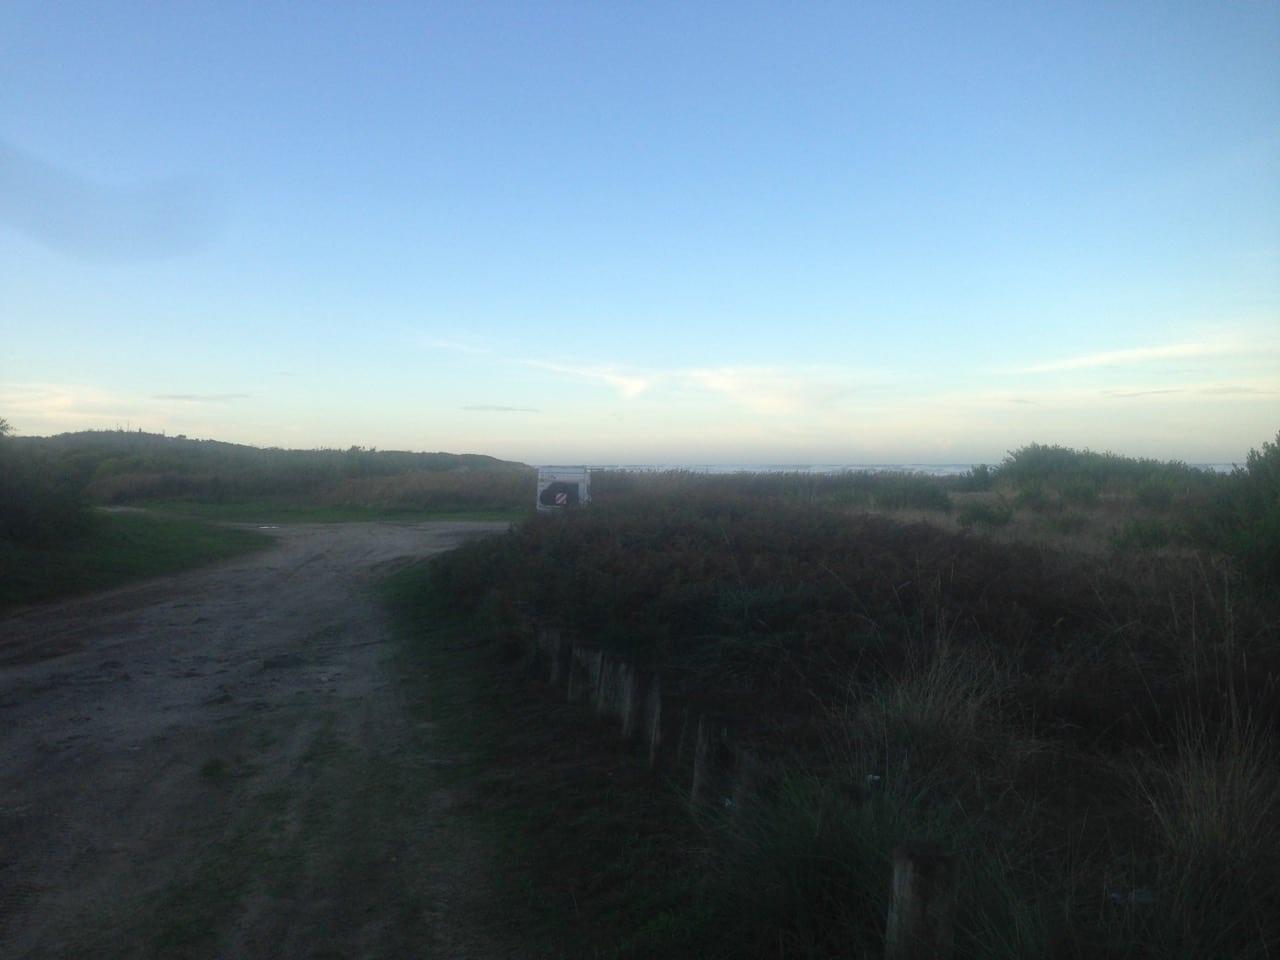 Irgendwo in Portugal. Die Dünen, das Meer und ein kleines, einsames Wohnmobil.